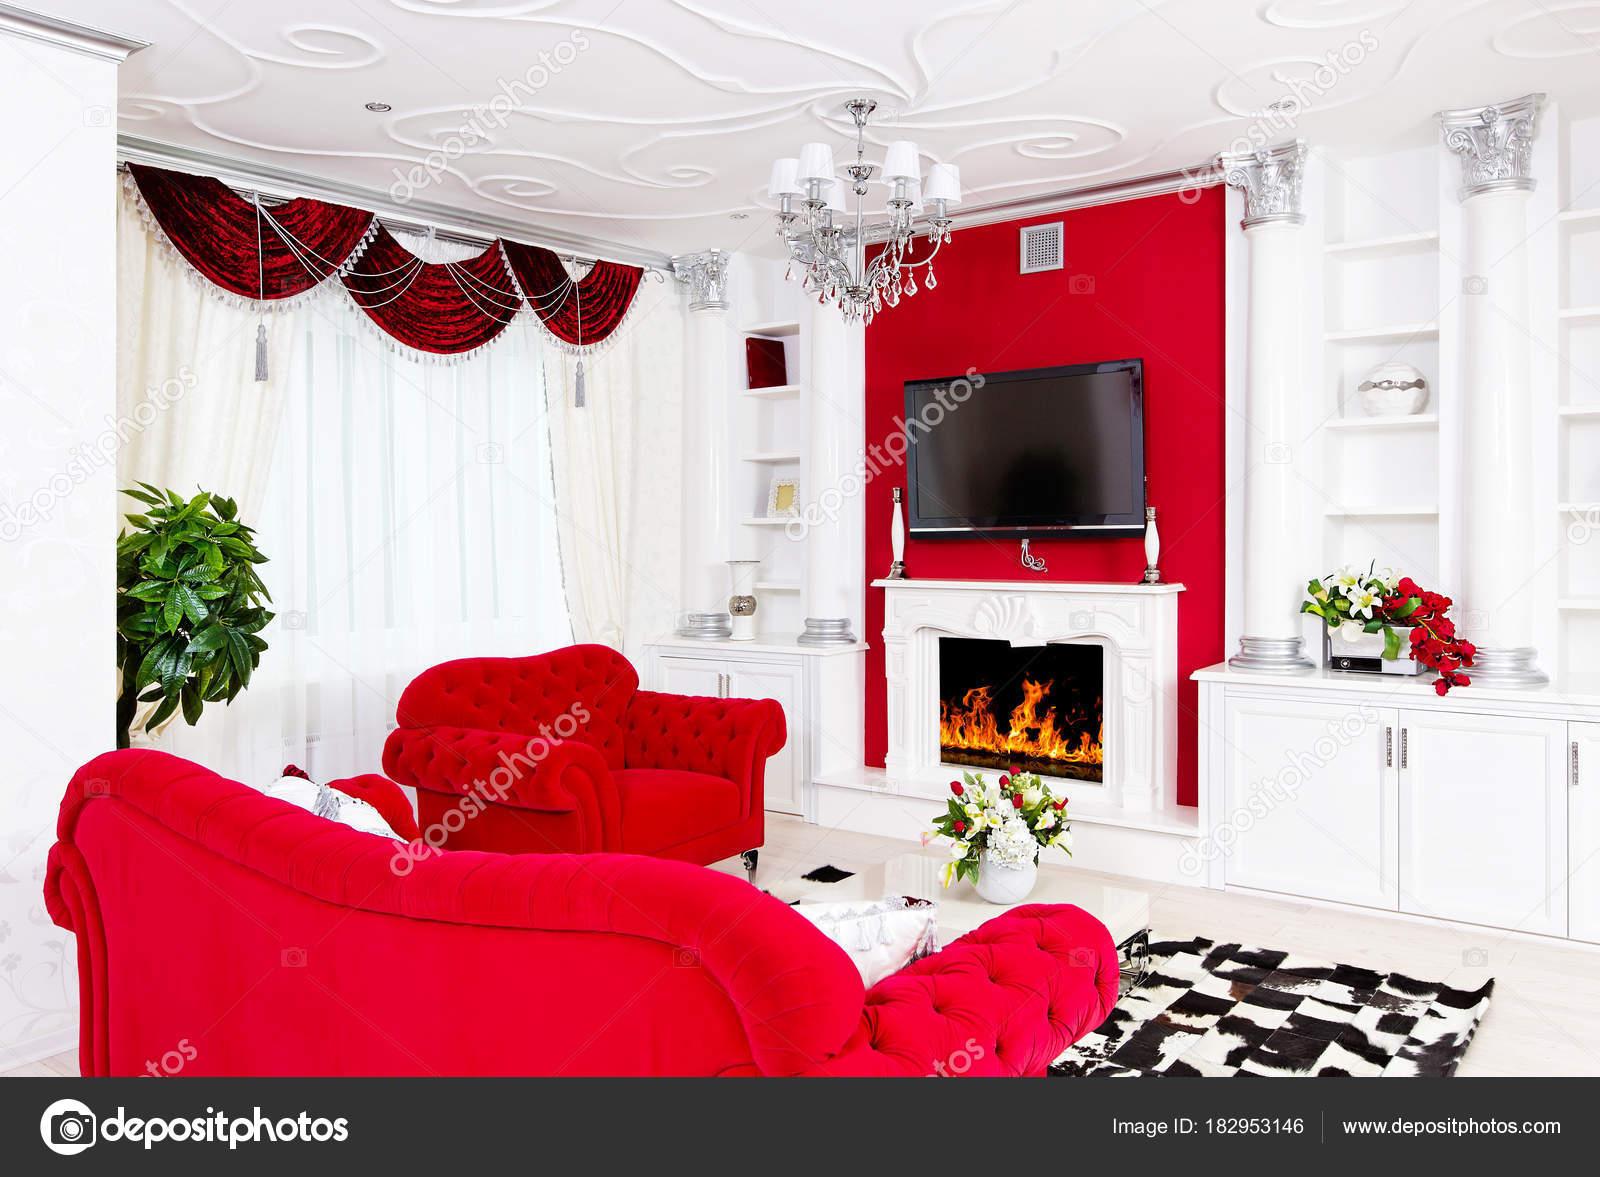 Klassieke rode woonkamer interieur met vuur plaats en rood meubel